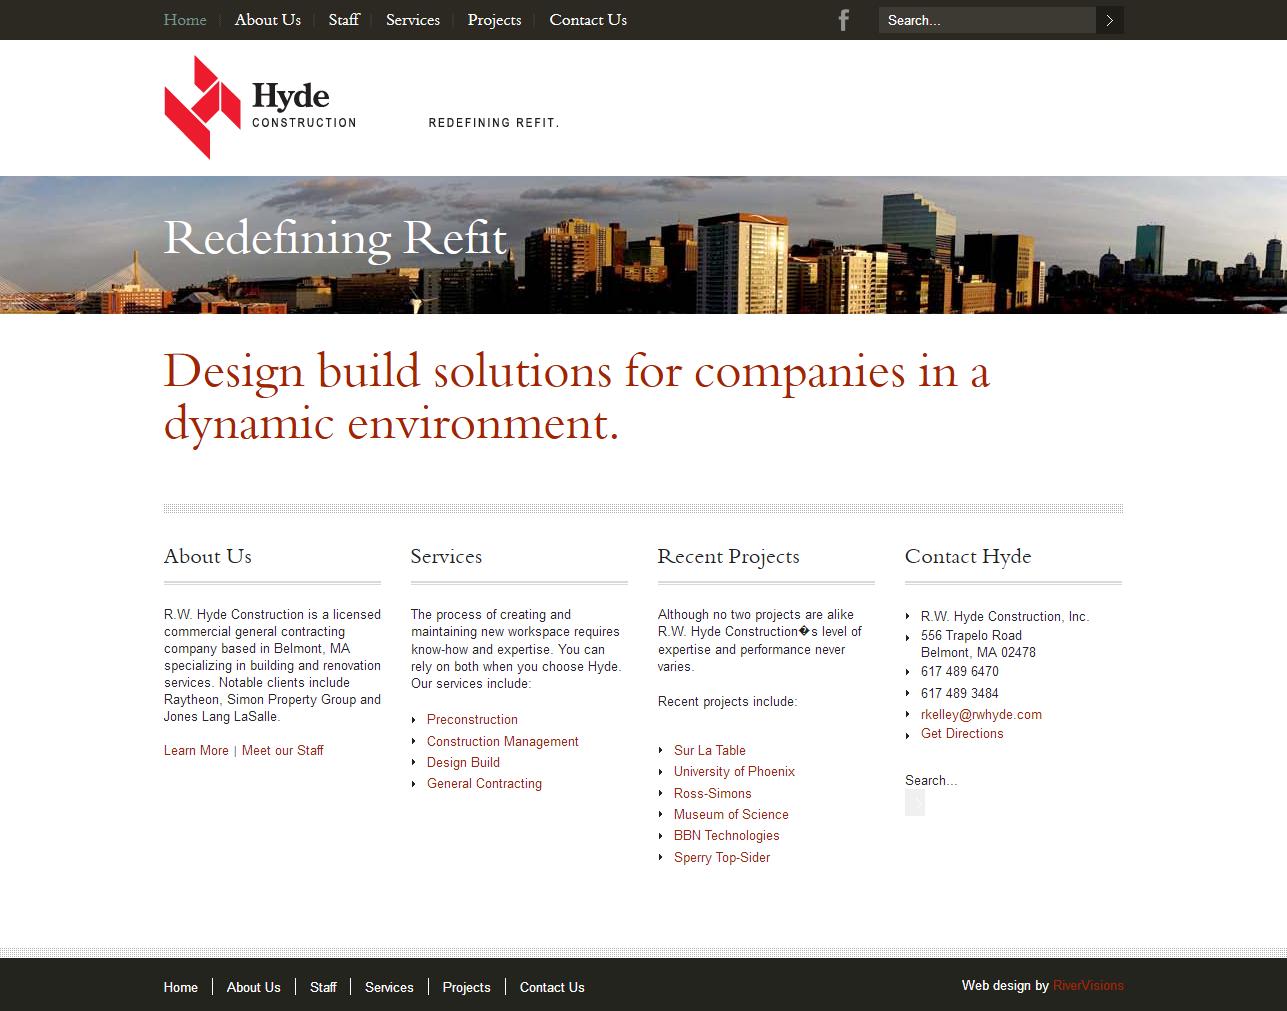 R.W._Hyde_Construction,_Inc